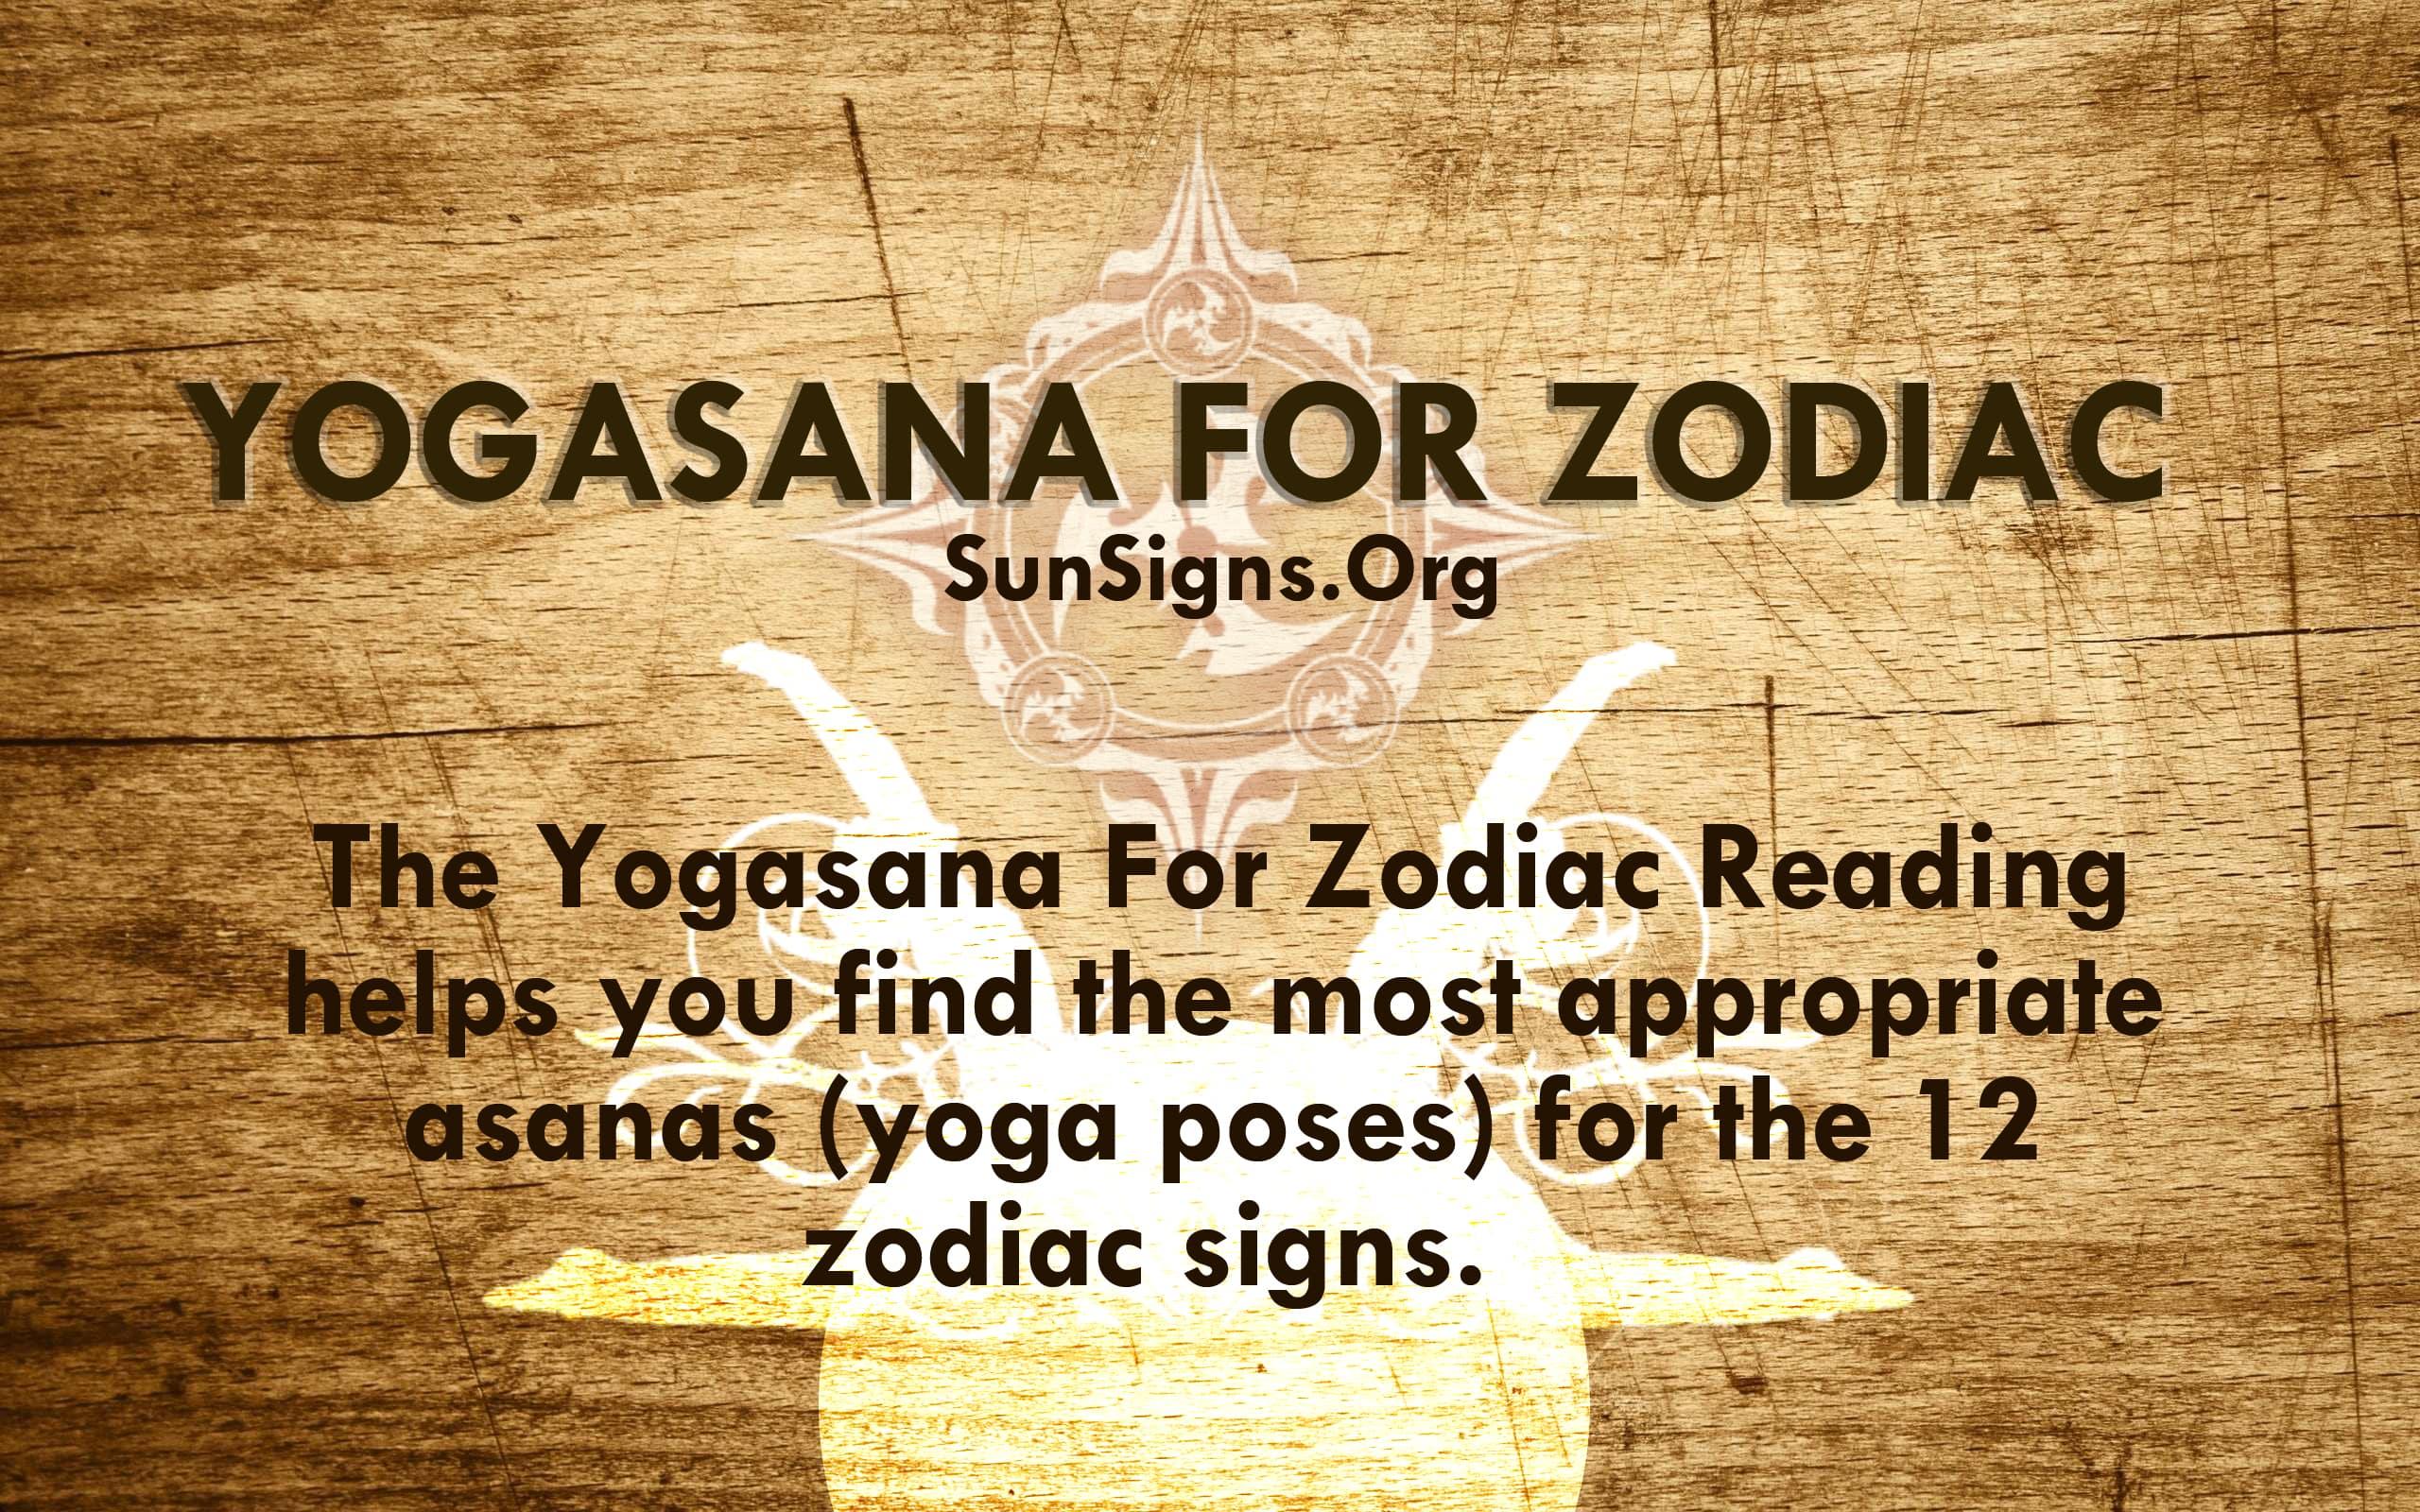 Yogasana For Zodiac | Sun Signs